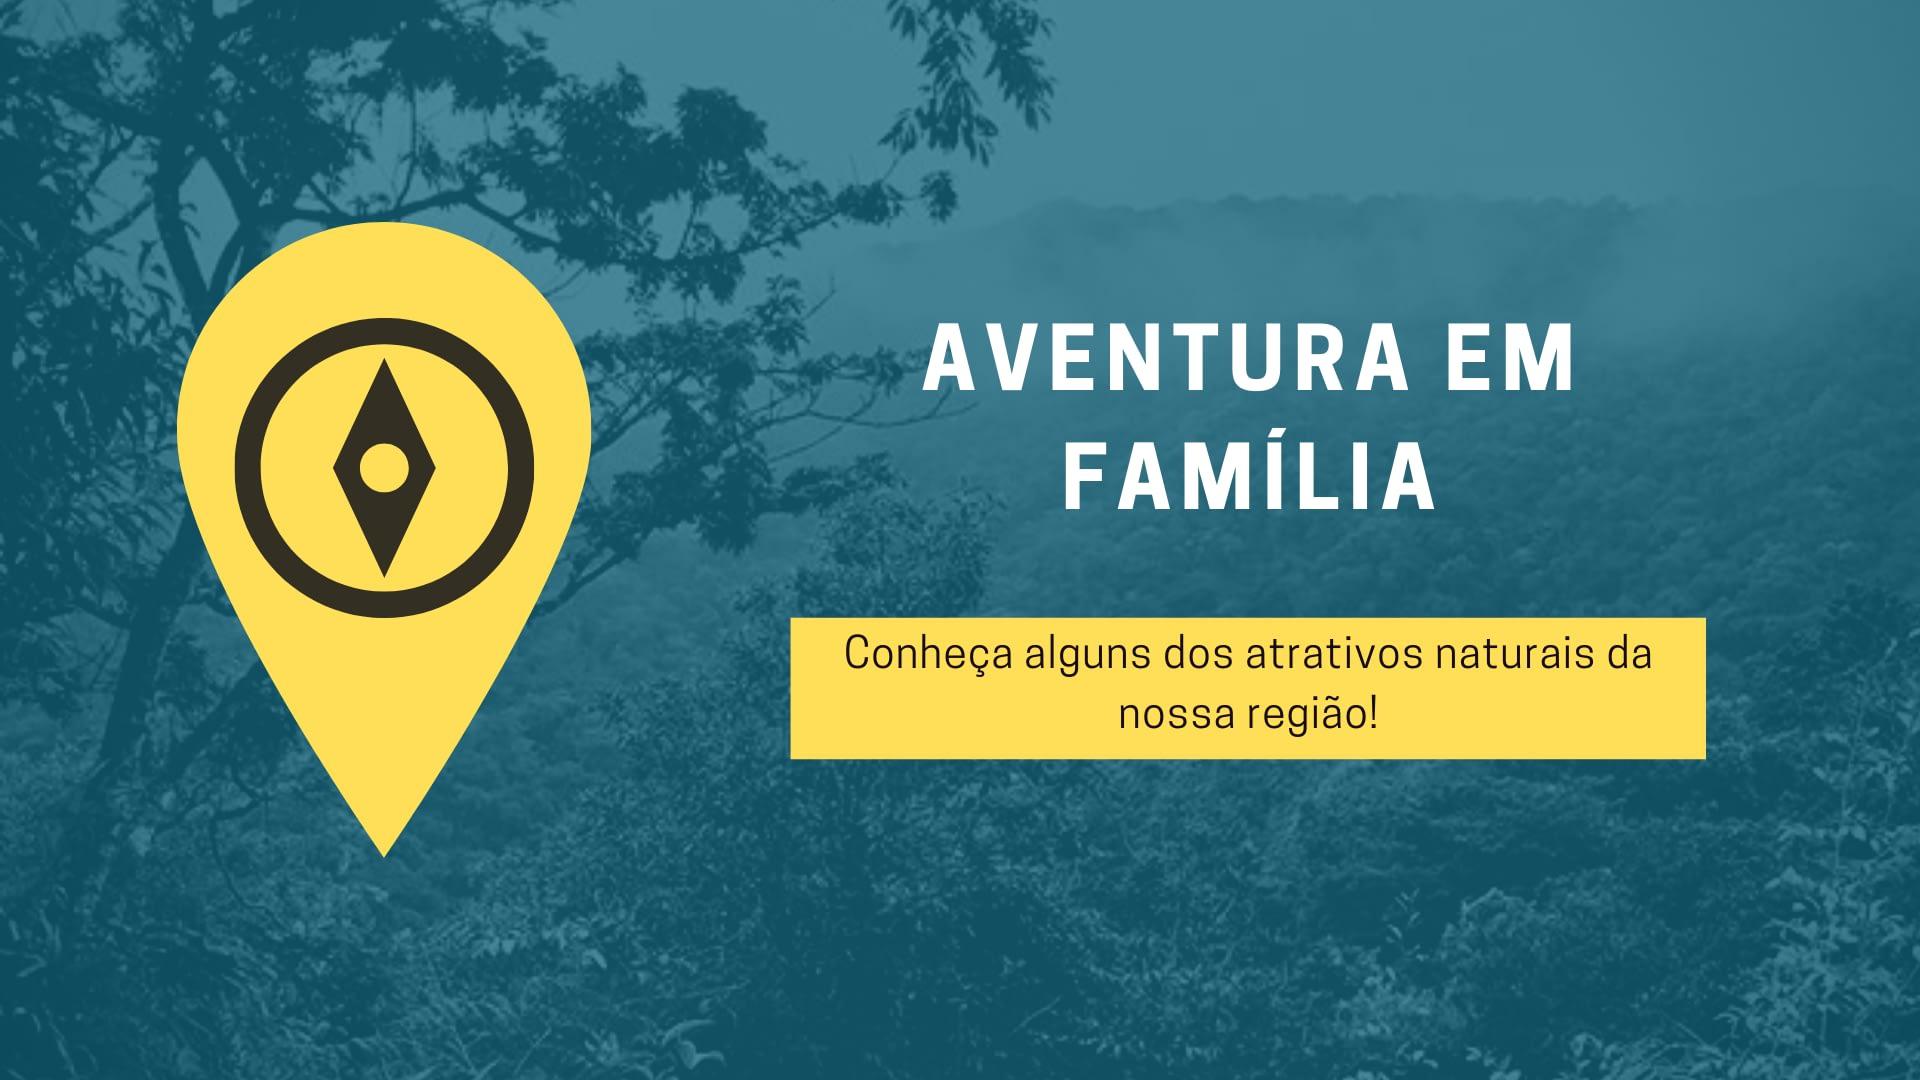 Guia Aventura em Família